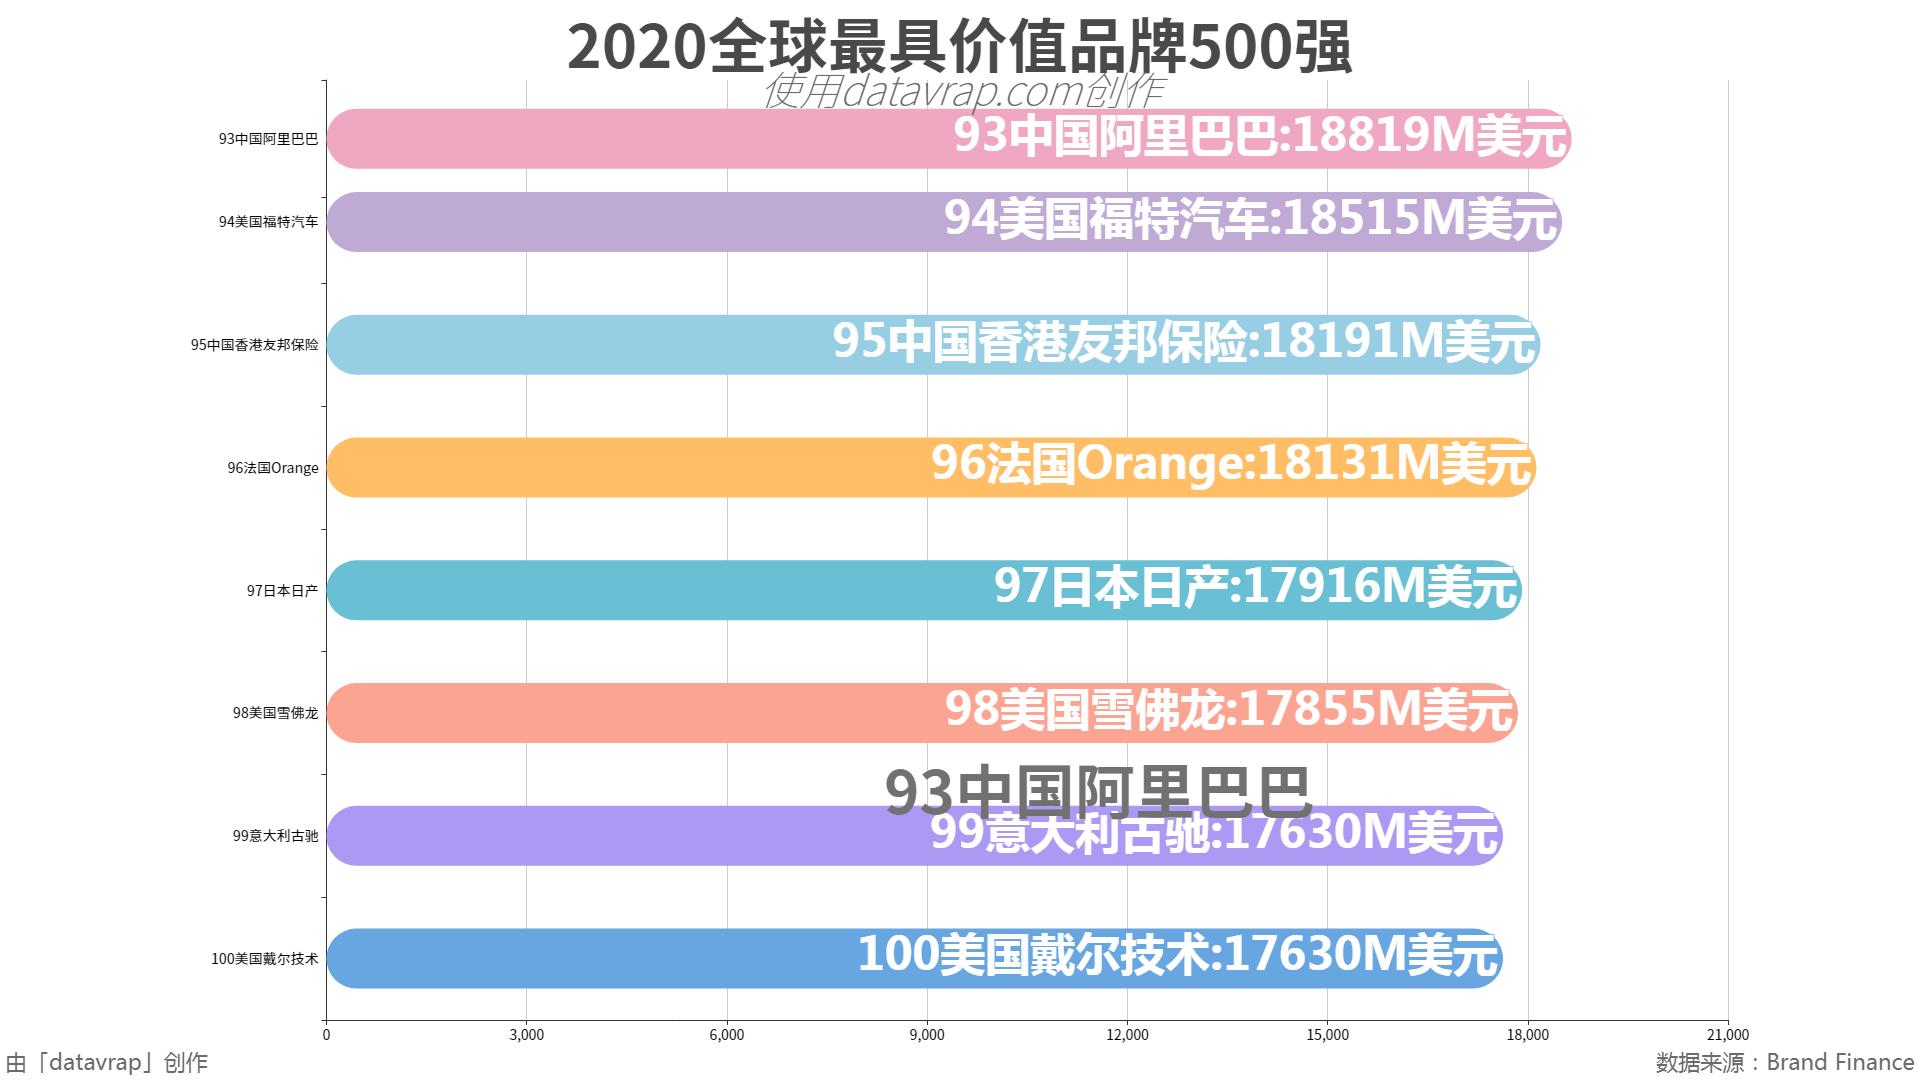 2020全球最具价值品牌500强